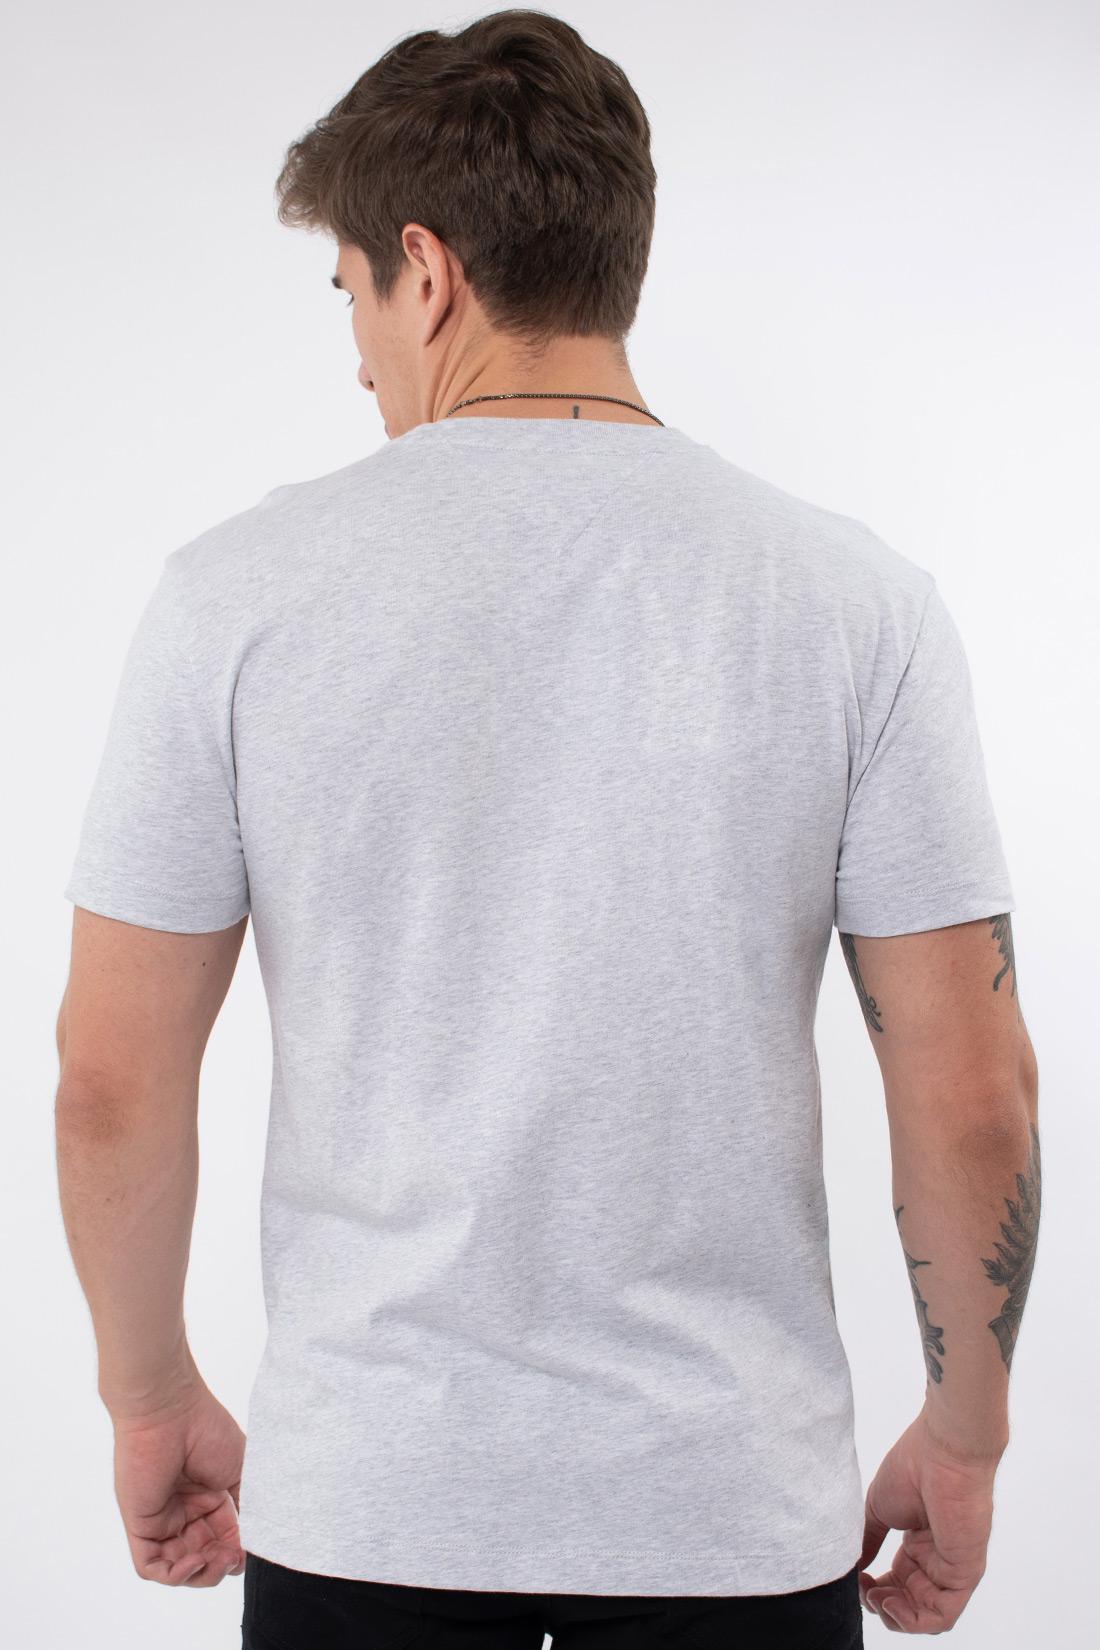 Camiseta Mc Tommy Hilfiger Collegiate